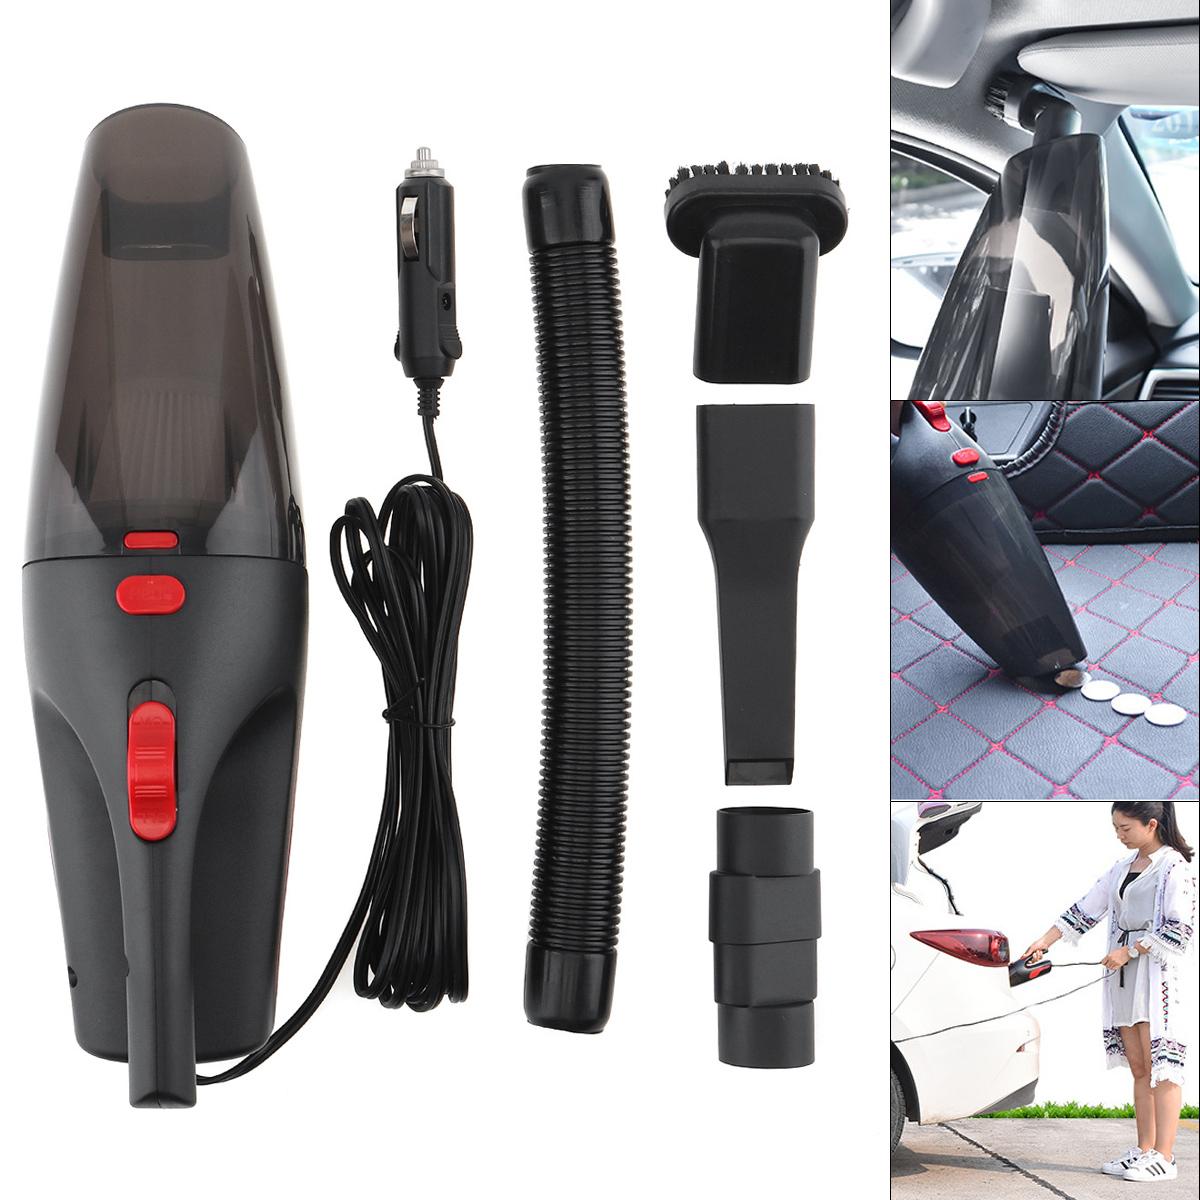 Car Vacuum Auto Cleaner 12V 120W Handheld Vacuum Power Cord